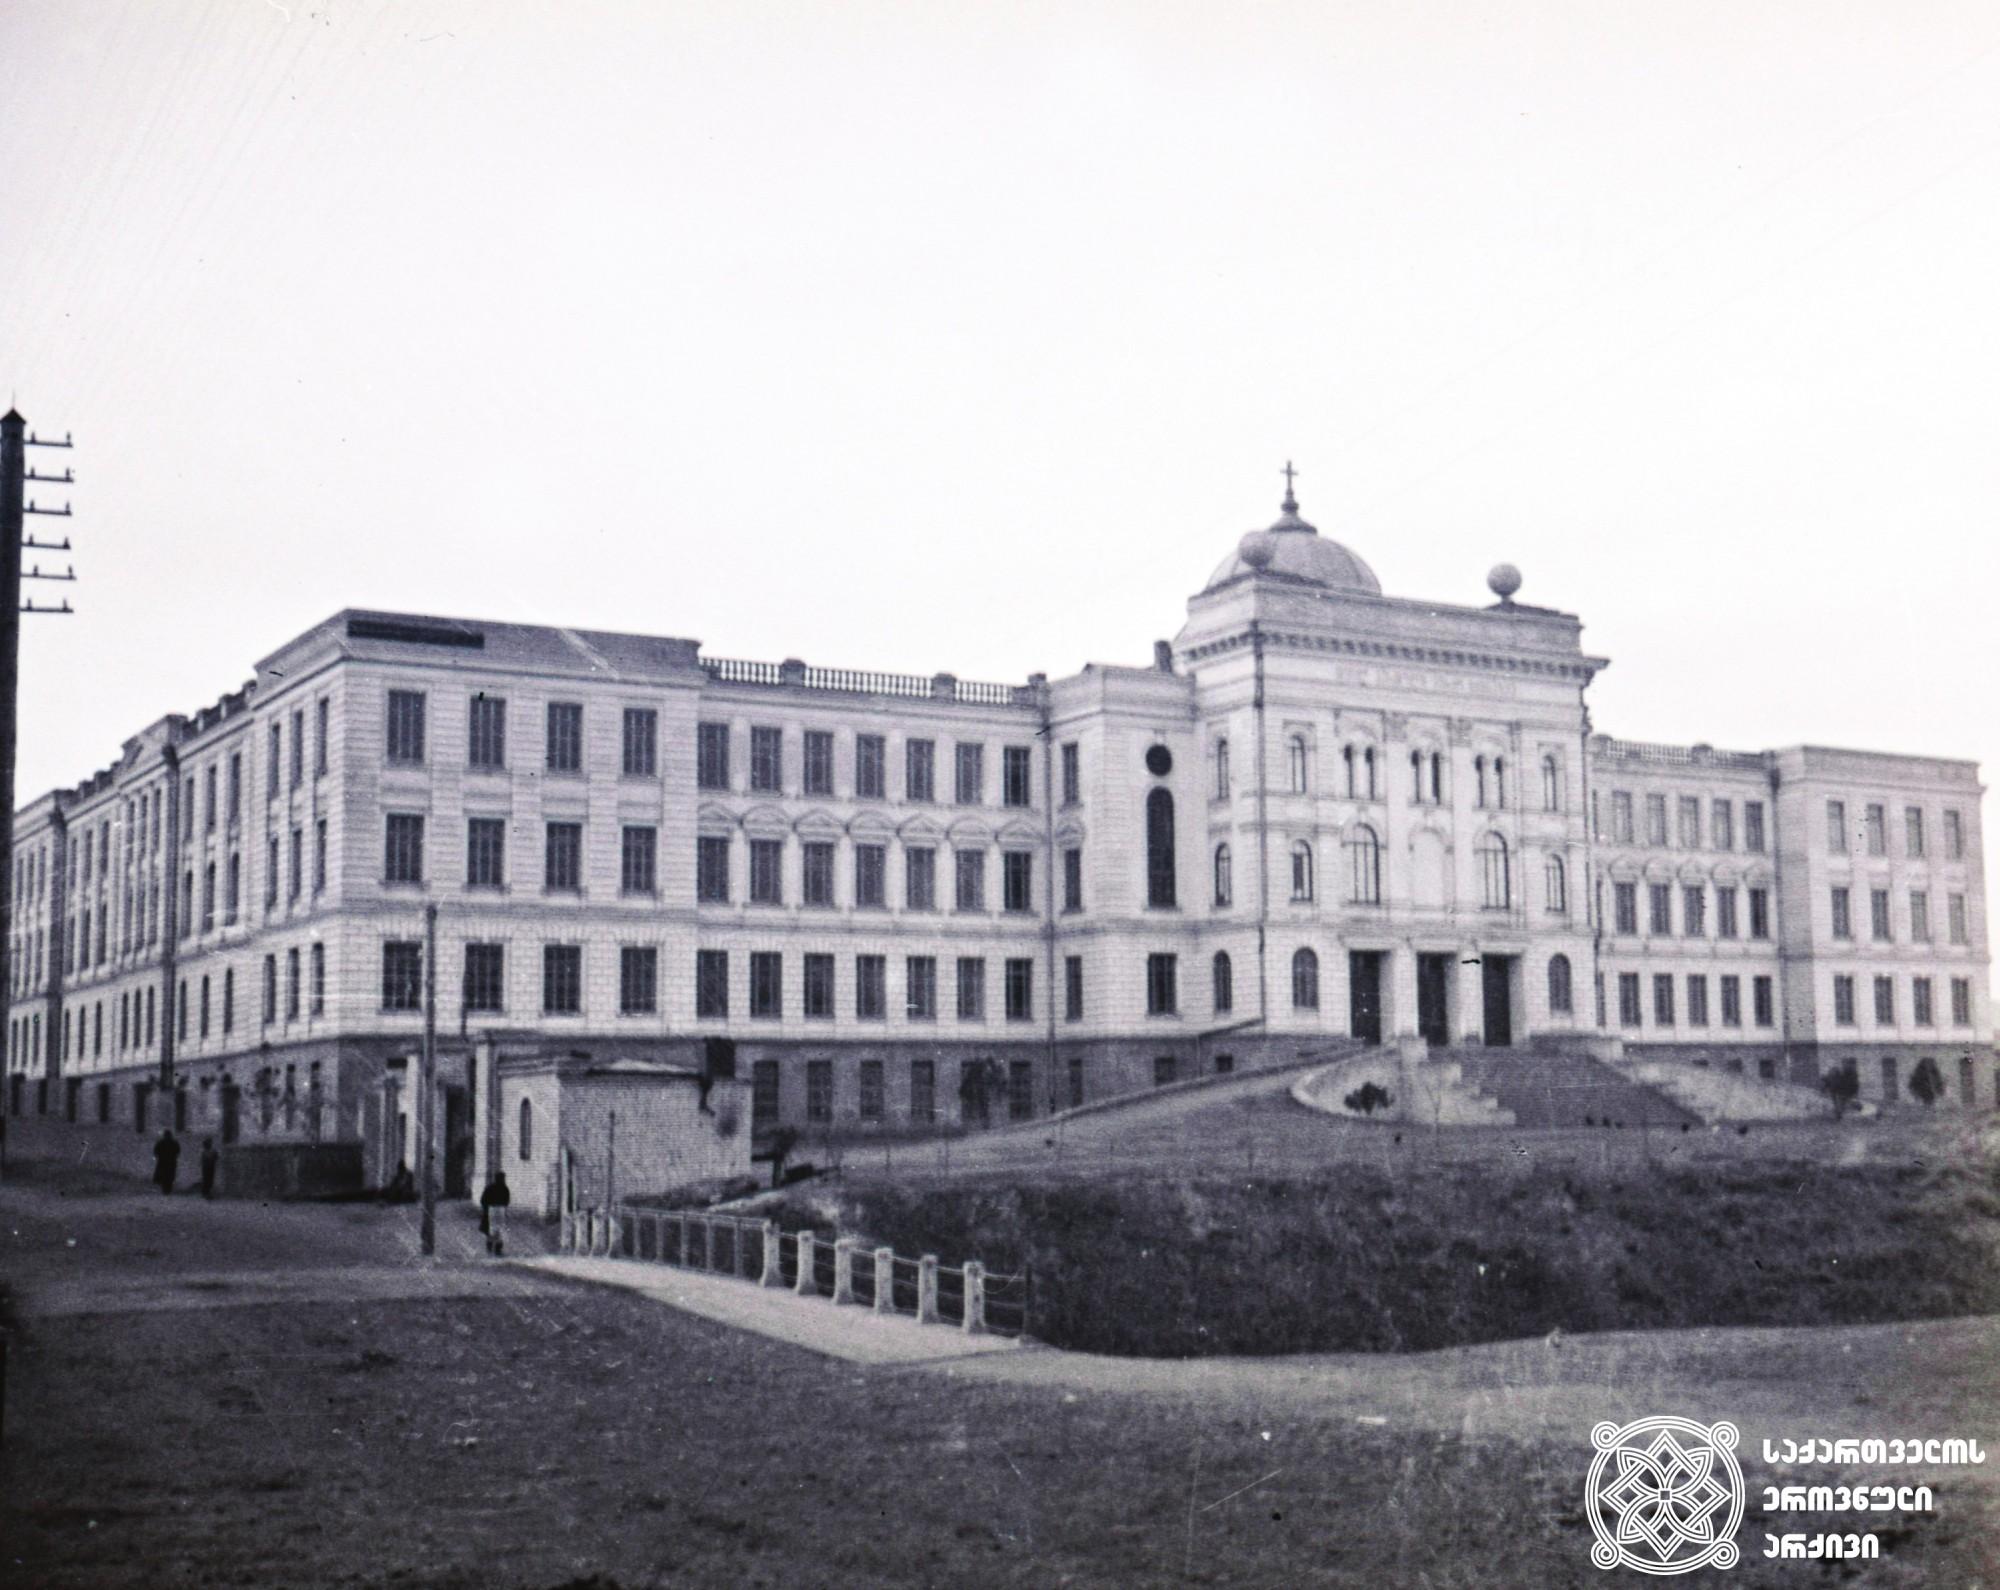 ქართული უნივერსიტეტი (მოგვიანებით თბილისის სახელმწიფო უნივერსიტეტი) <br> პირველი უნივერსიტეტი ამიერკავკასიაში. გაიხსნა 1918 წლის 26 იანვარს (8 თებერვალი), ამიერკავკასიის კომისარიატის პერიოდში. <br> Georgian University <br> The first University in the Transcaucasia. It was opened on 26 January (8 February), 1918, in the period of the Transcaucasian Commissariat